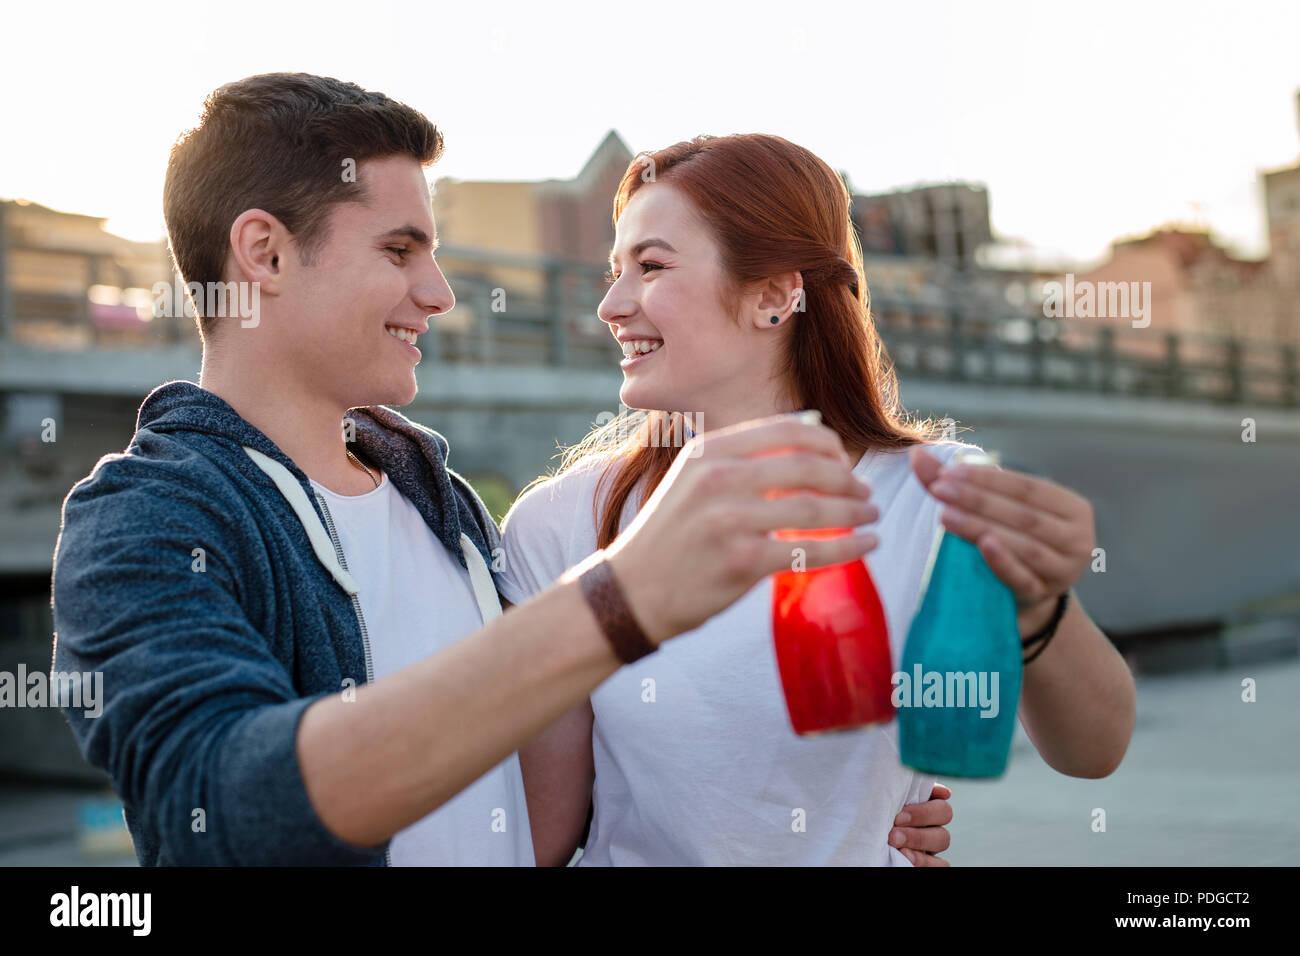 Heureux couple positif boire du jus si délicieux. Photo Stock